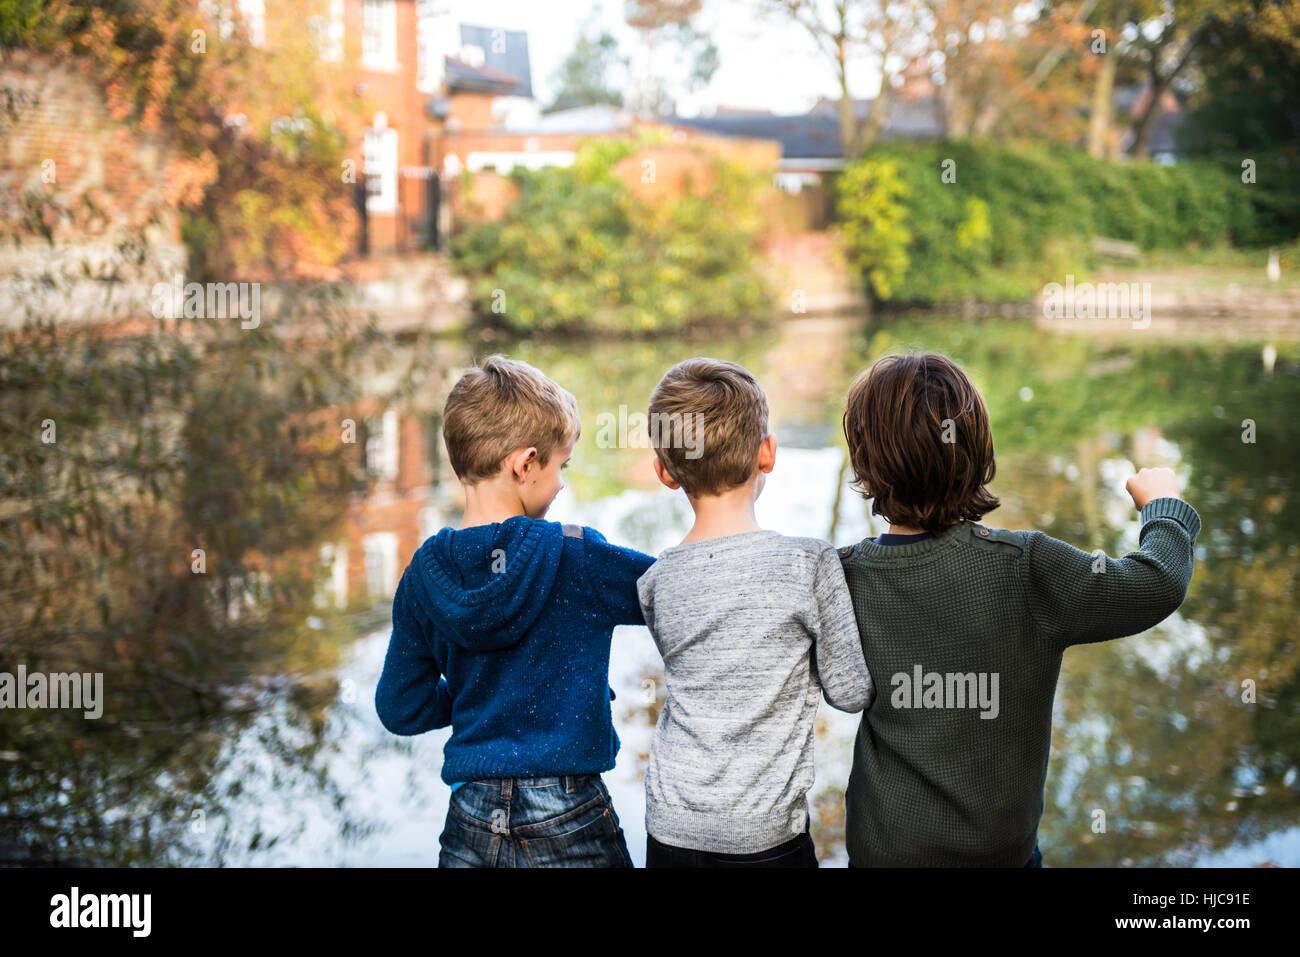 Tre giovani ragazzi, in piedi accanto al lago, vista posteriore Immagini Stock